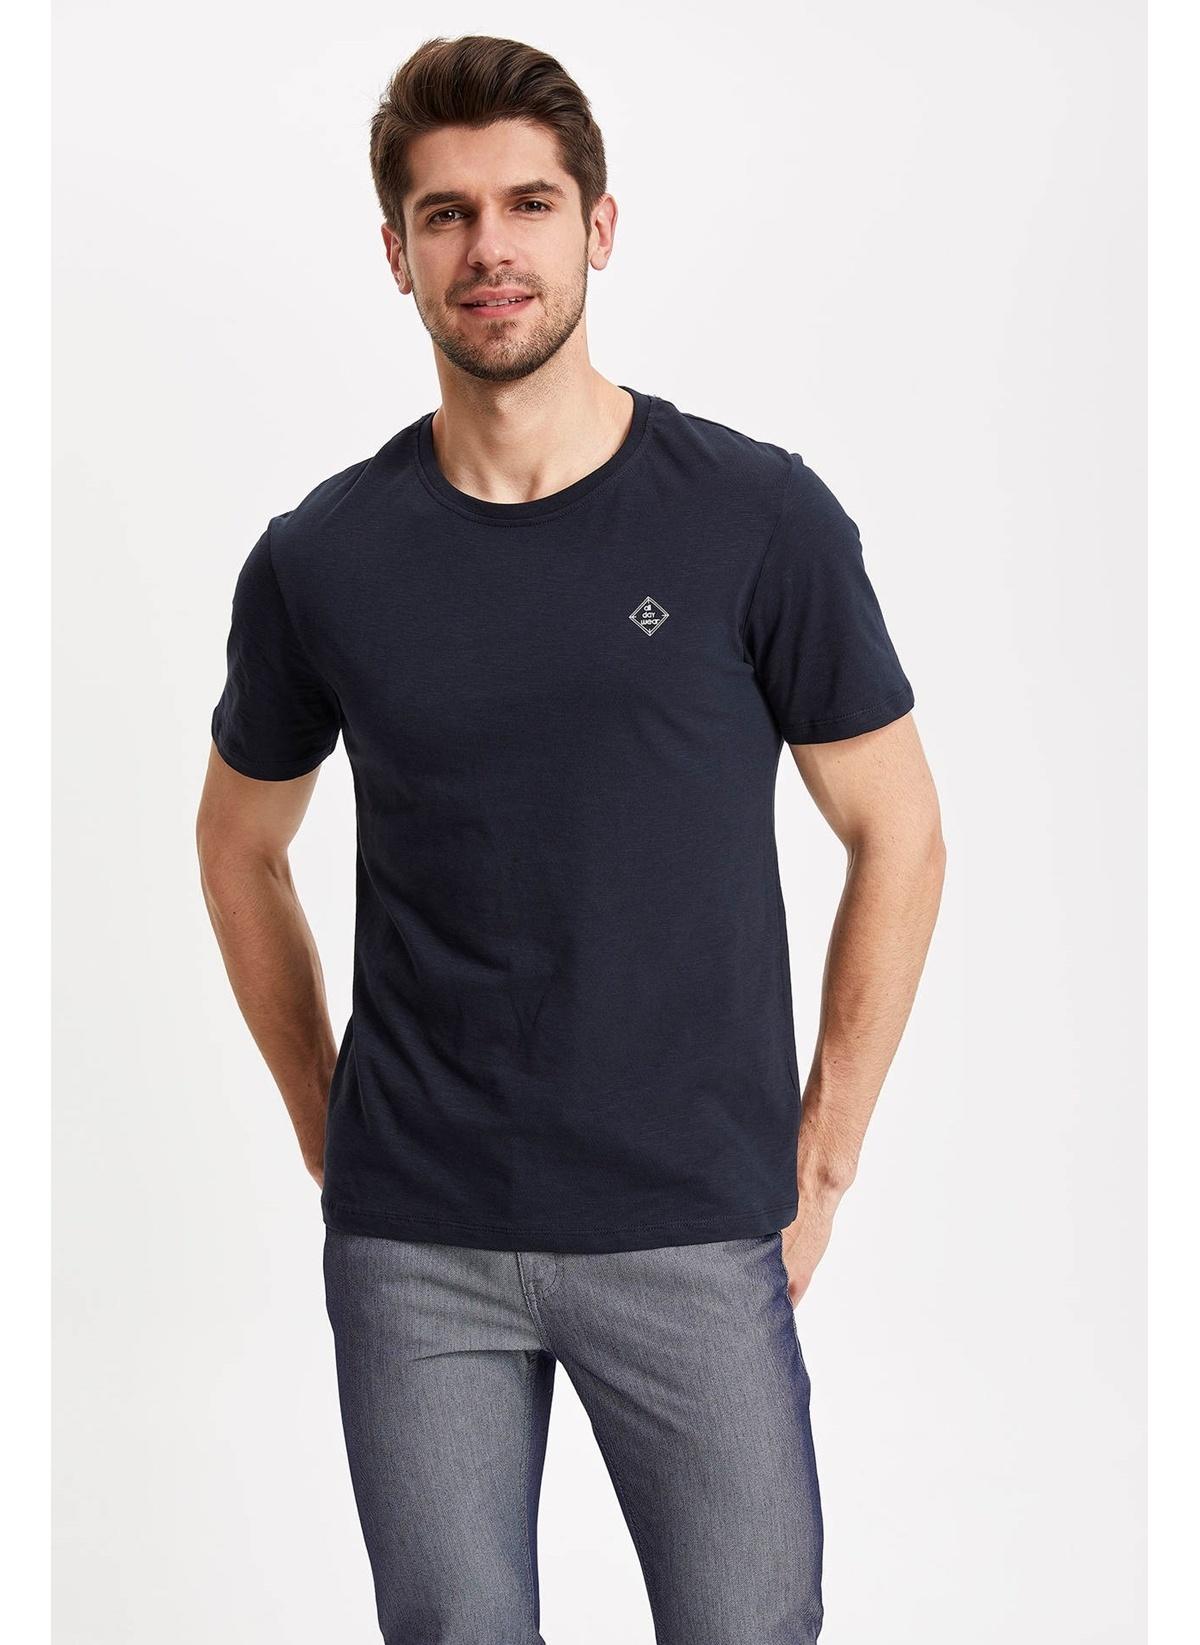 Defacto Tişört K7968az19smnv100 T-shirt – 24.99 TL